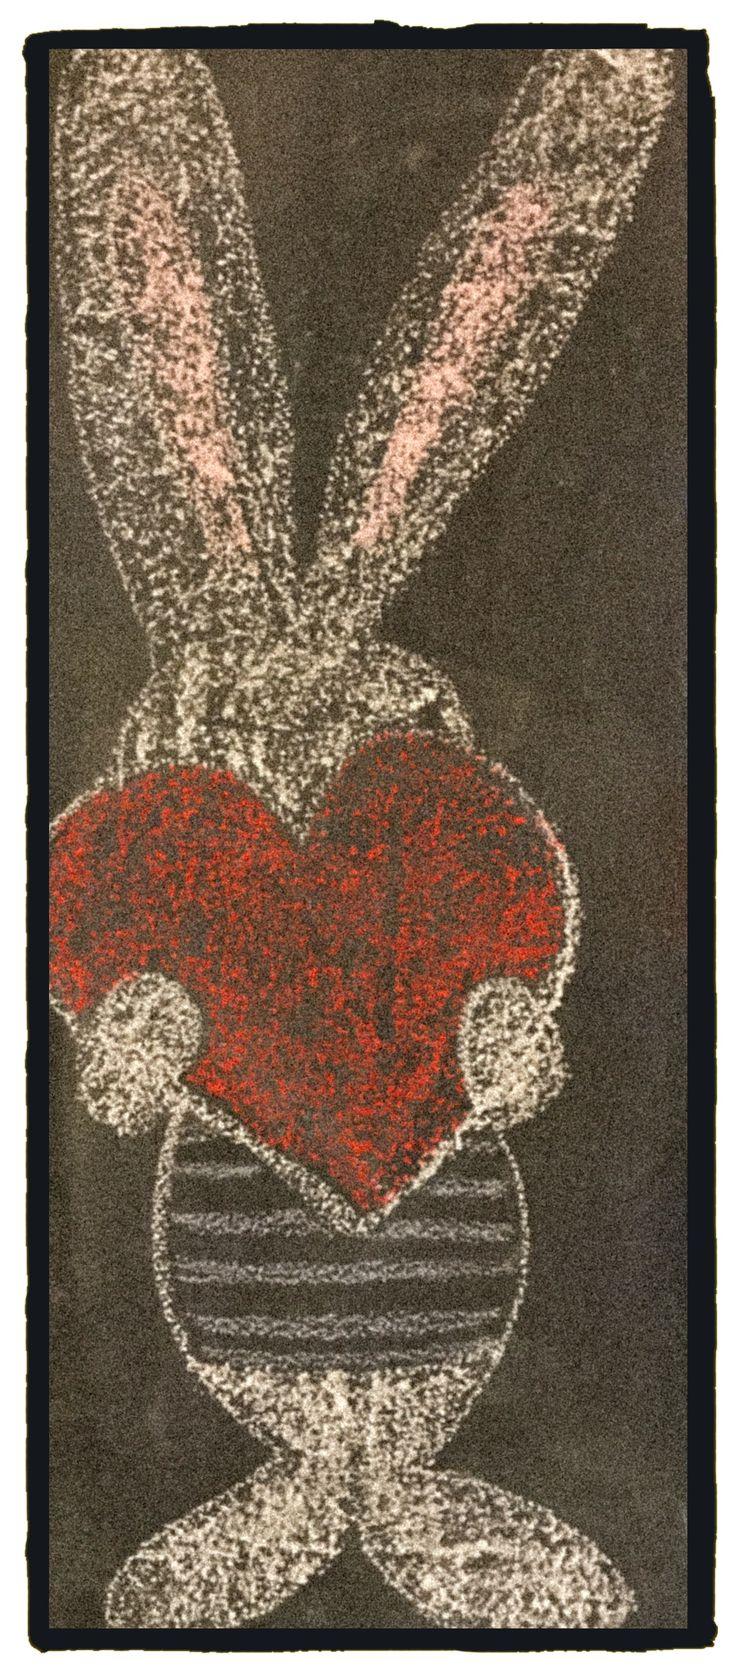 #Easter #bunny #chalkboard